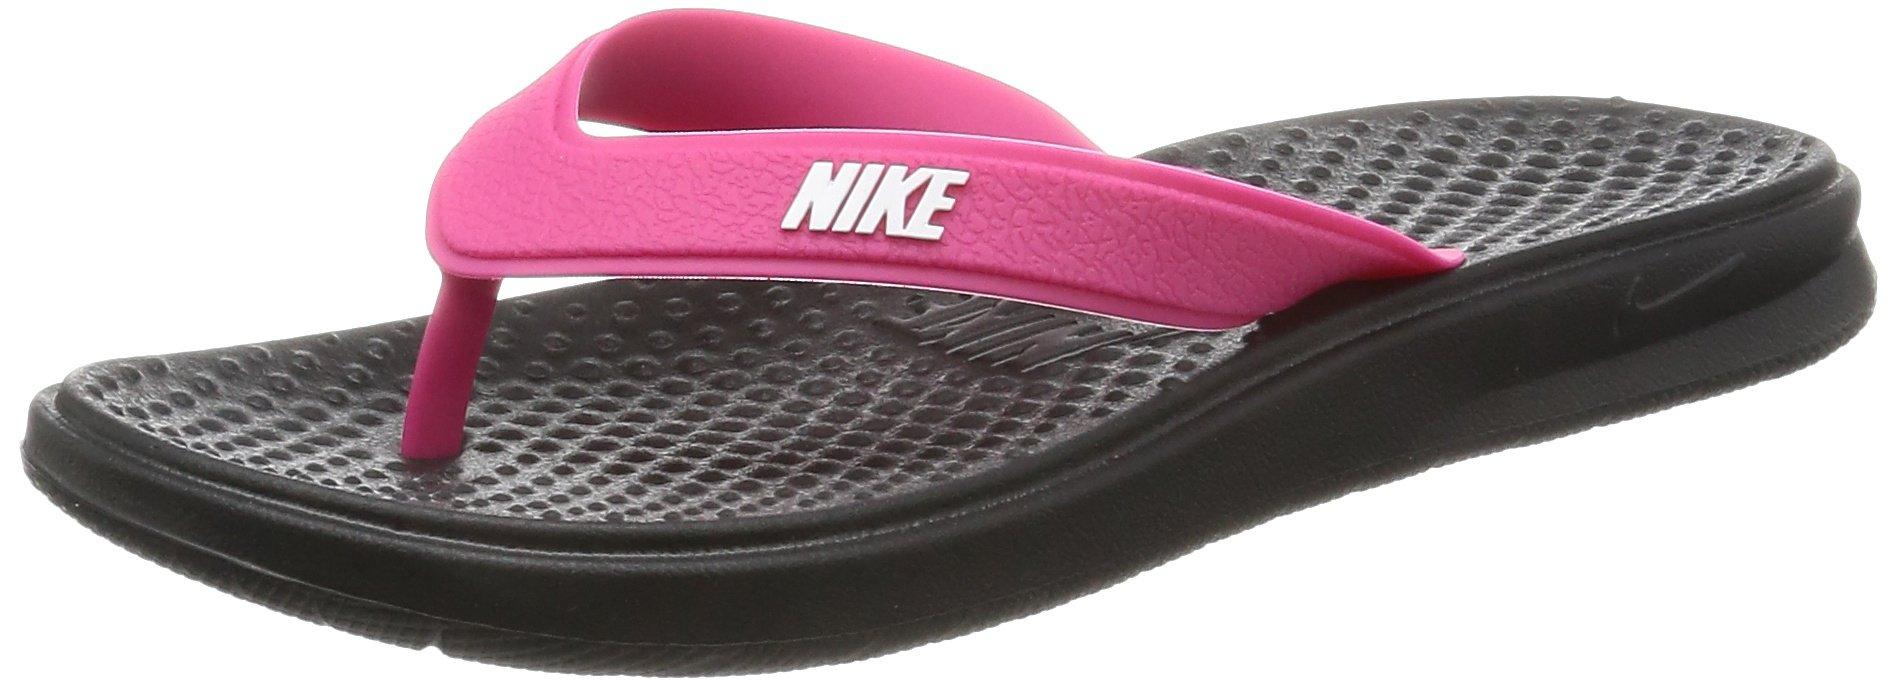 NIKE Women's Solay Thong Sandal, Black/White - Vivid Pink, 5 Regular US by NIKE